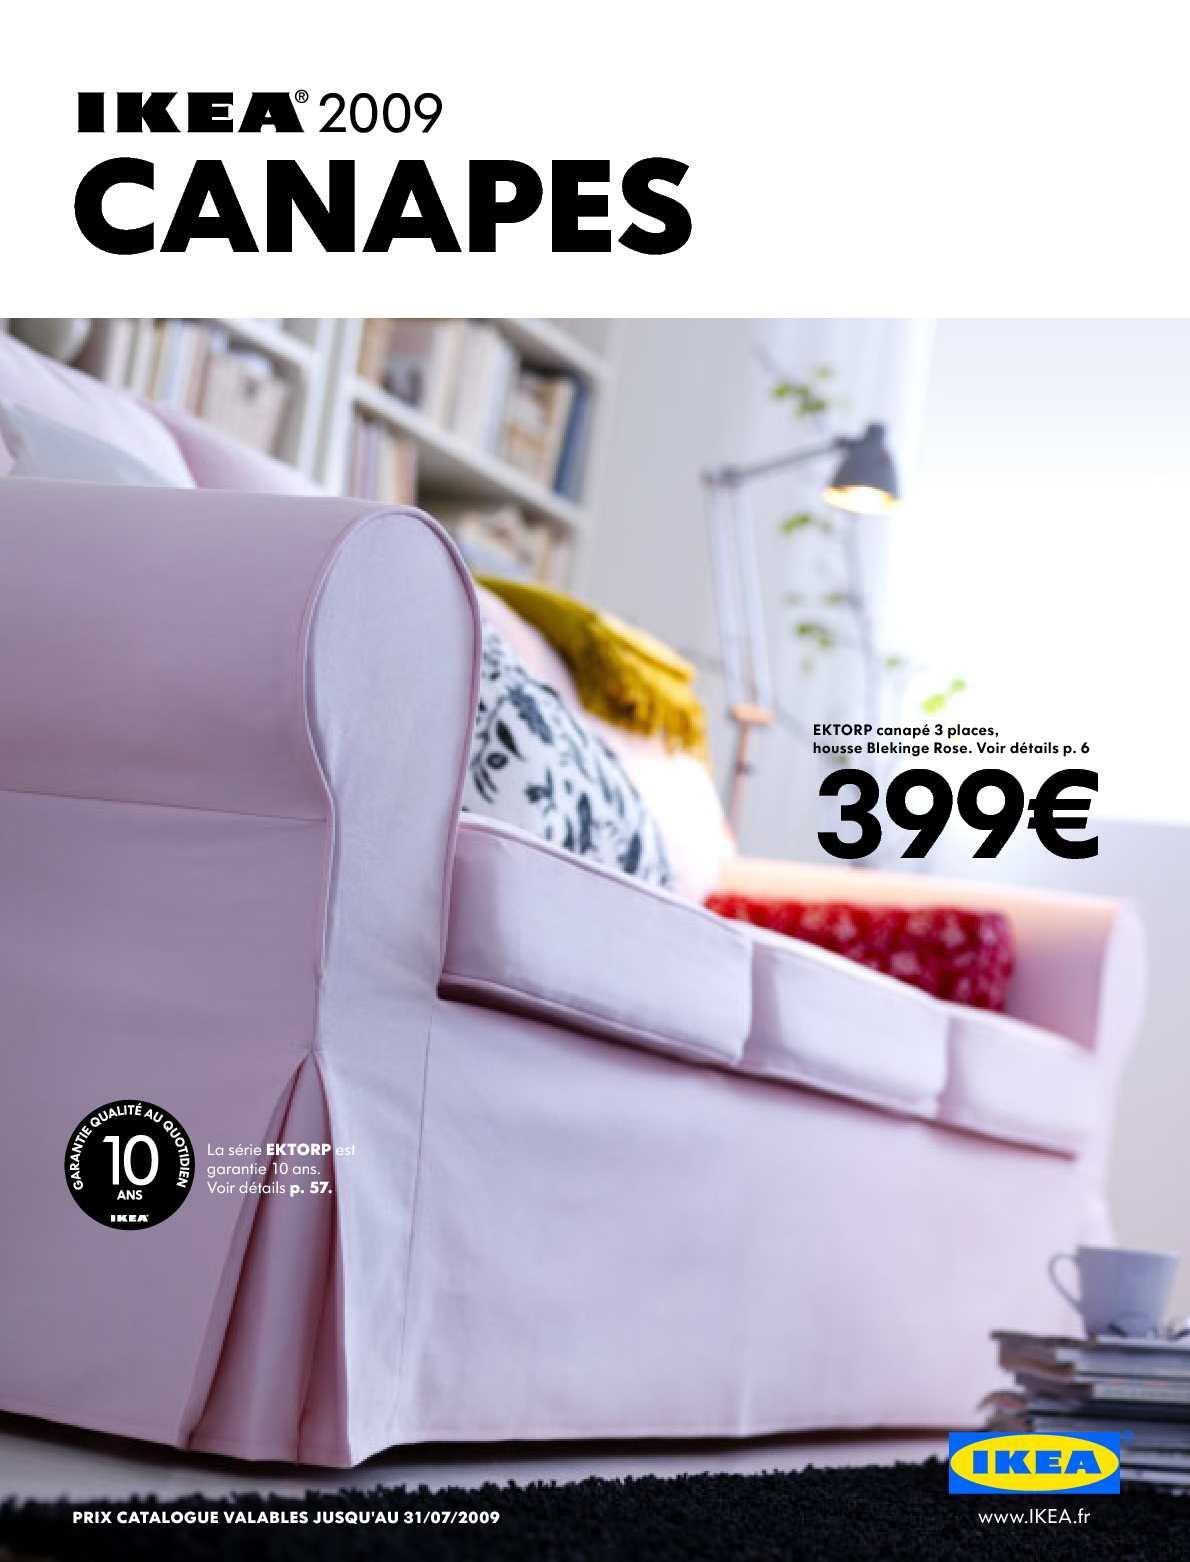 Housse Ektorp Convertible 3 Places Luxe Photos Ikea Housse Canap Ektorp 3 Places Convertible Ektorp Canap Places